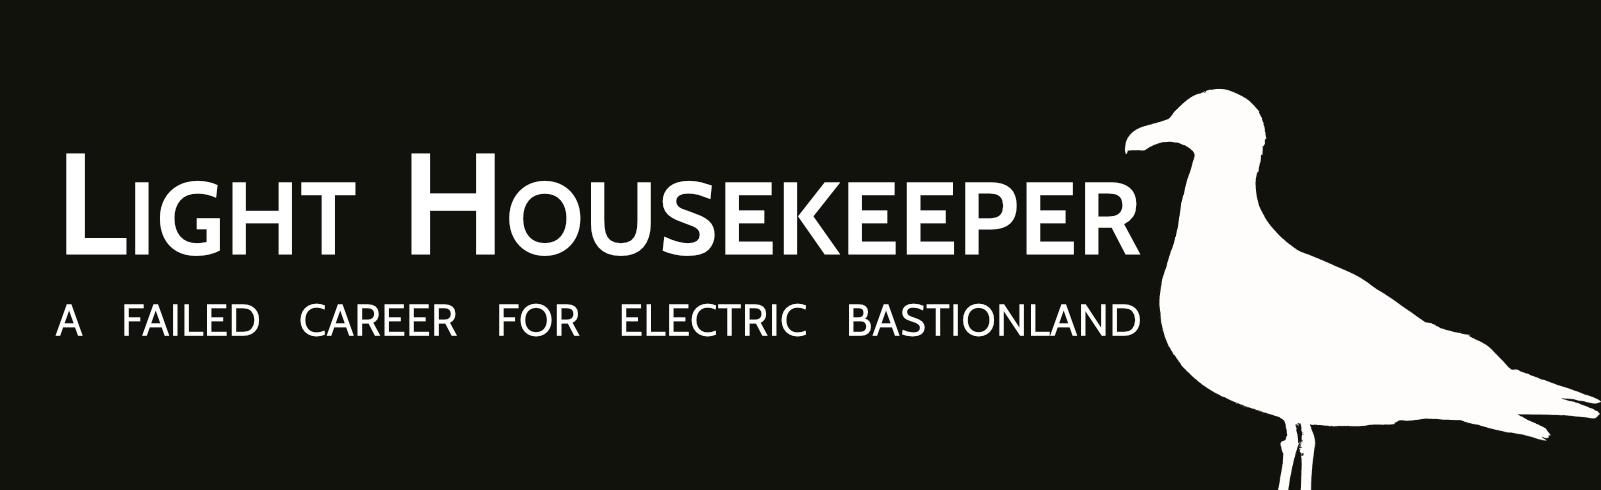 Light Housekeeper - A Failed Career